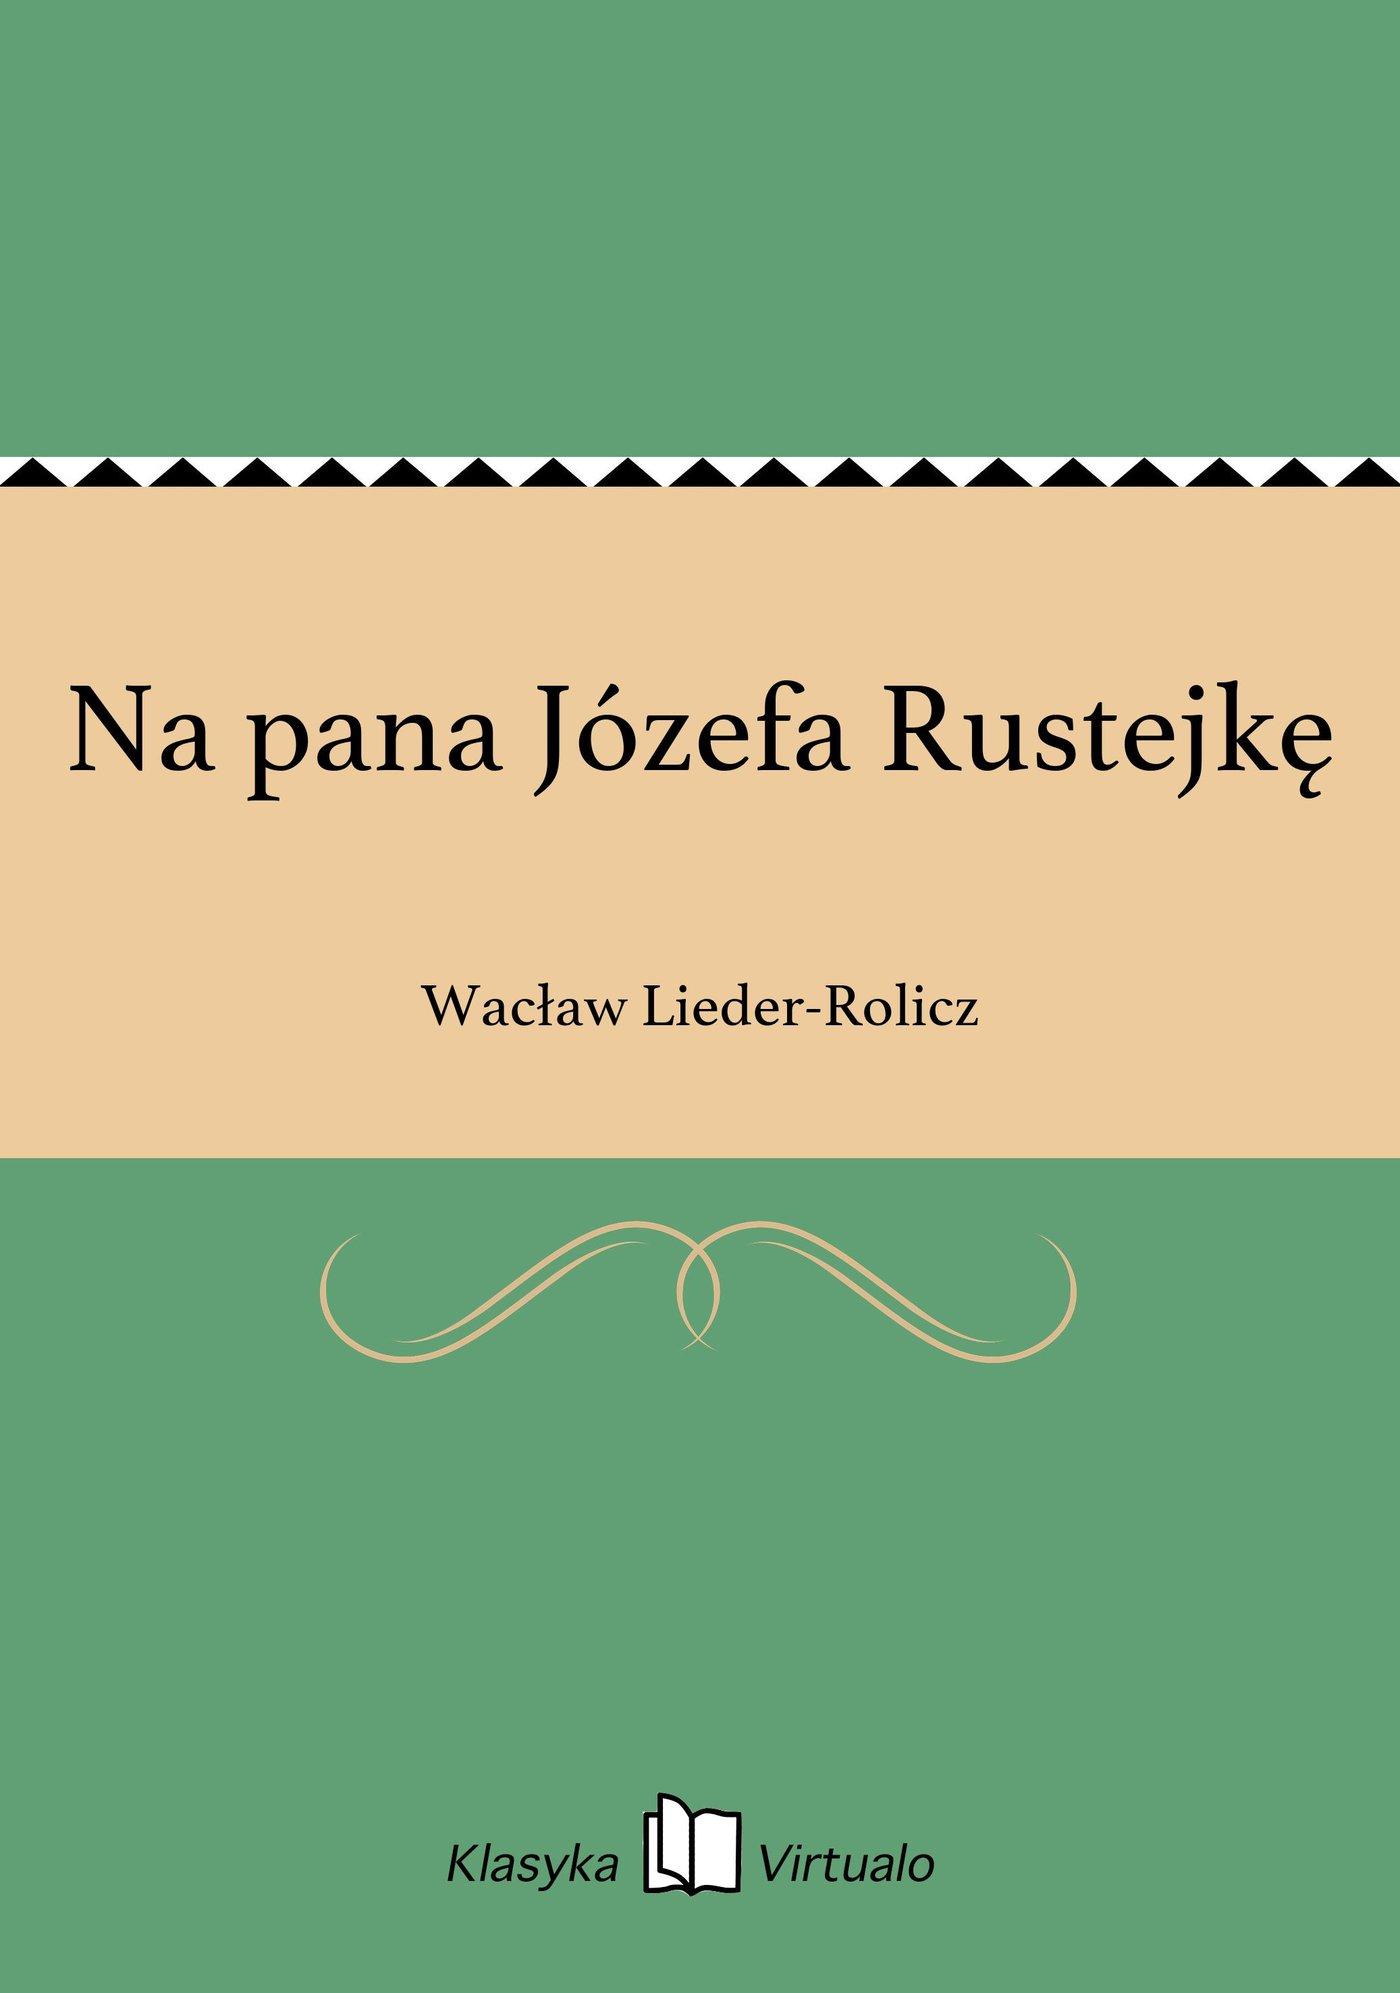 Na pana Józefa Rustejkę - Ebook (Książka EPUB) do pobrania w formacie EPUB